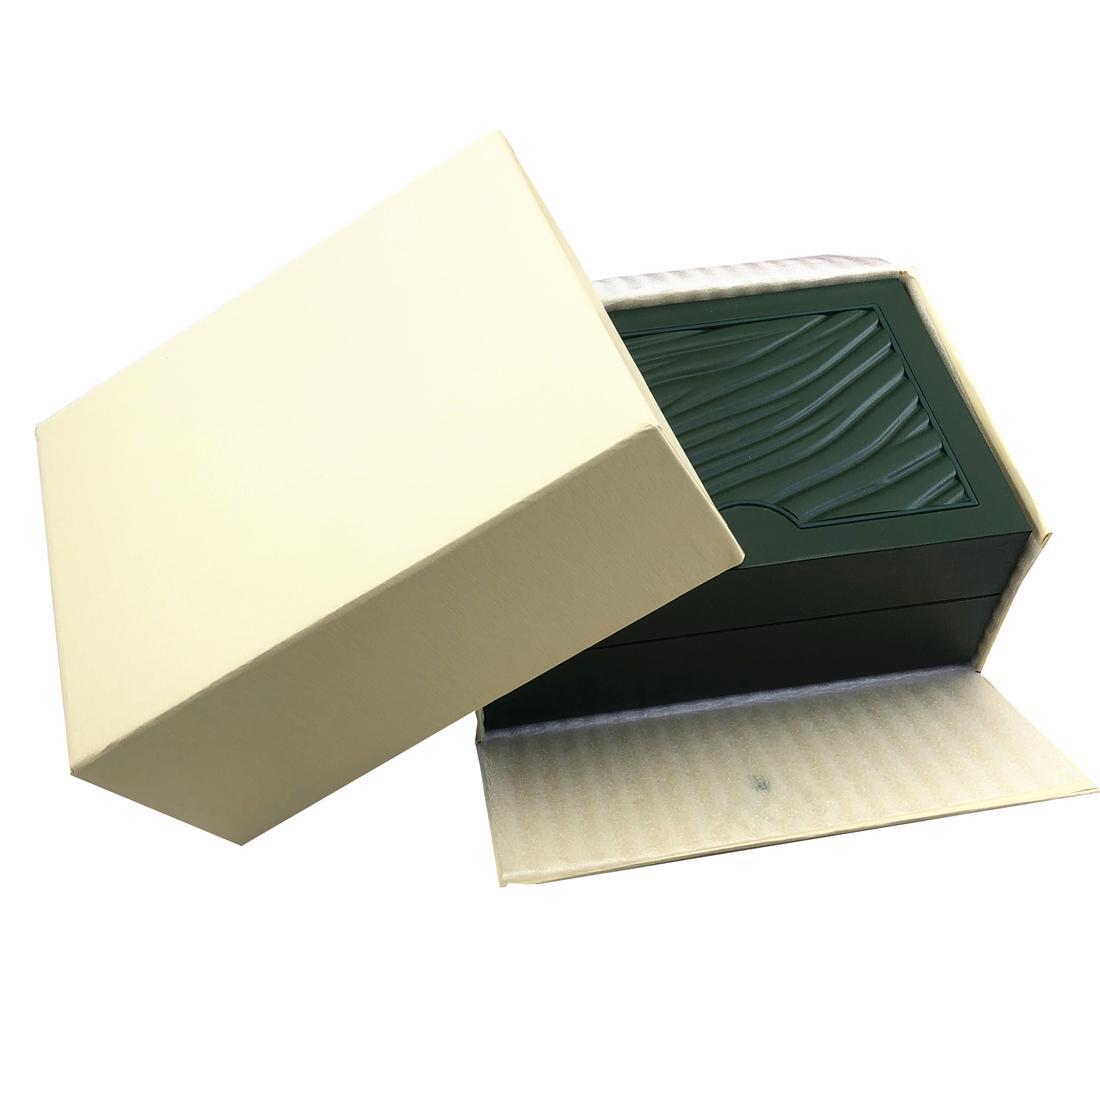 노란색 원래 고품질 Luxurys 시계 상자 논문 지갑 185mm * 135mm * 85mm 0.75kg 좋은 선물 정품 인증서, 수동, 보증 카드